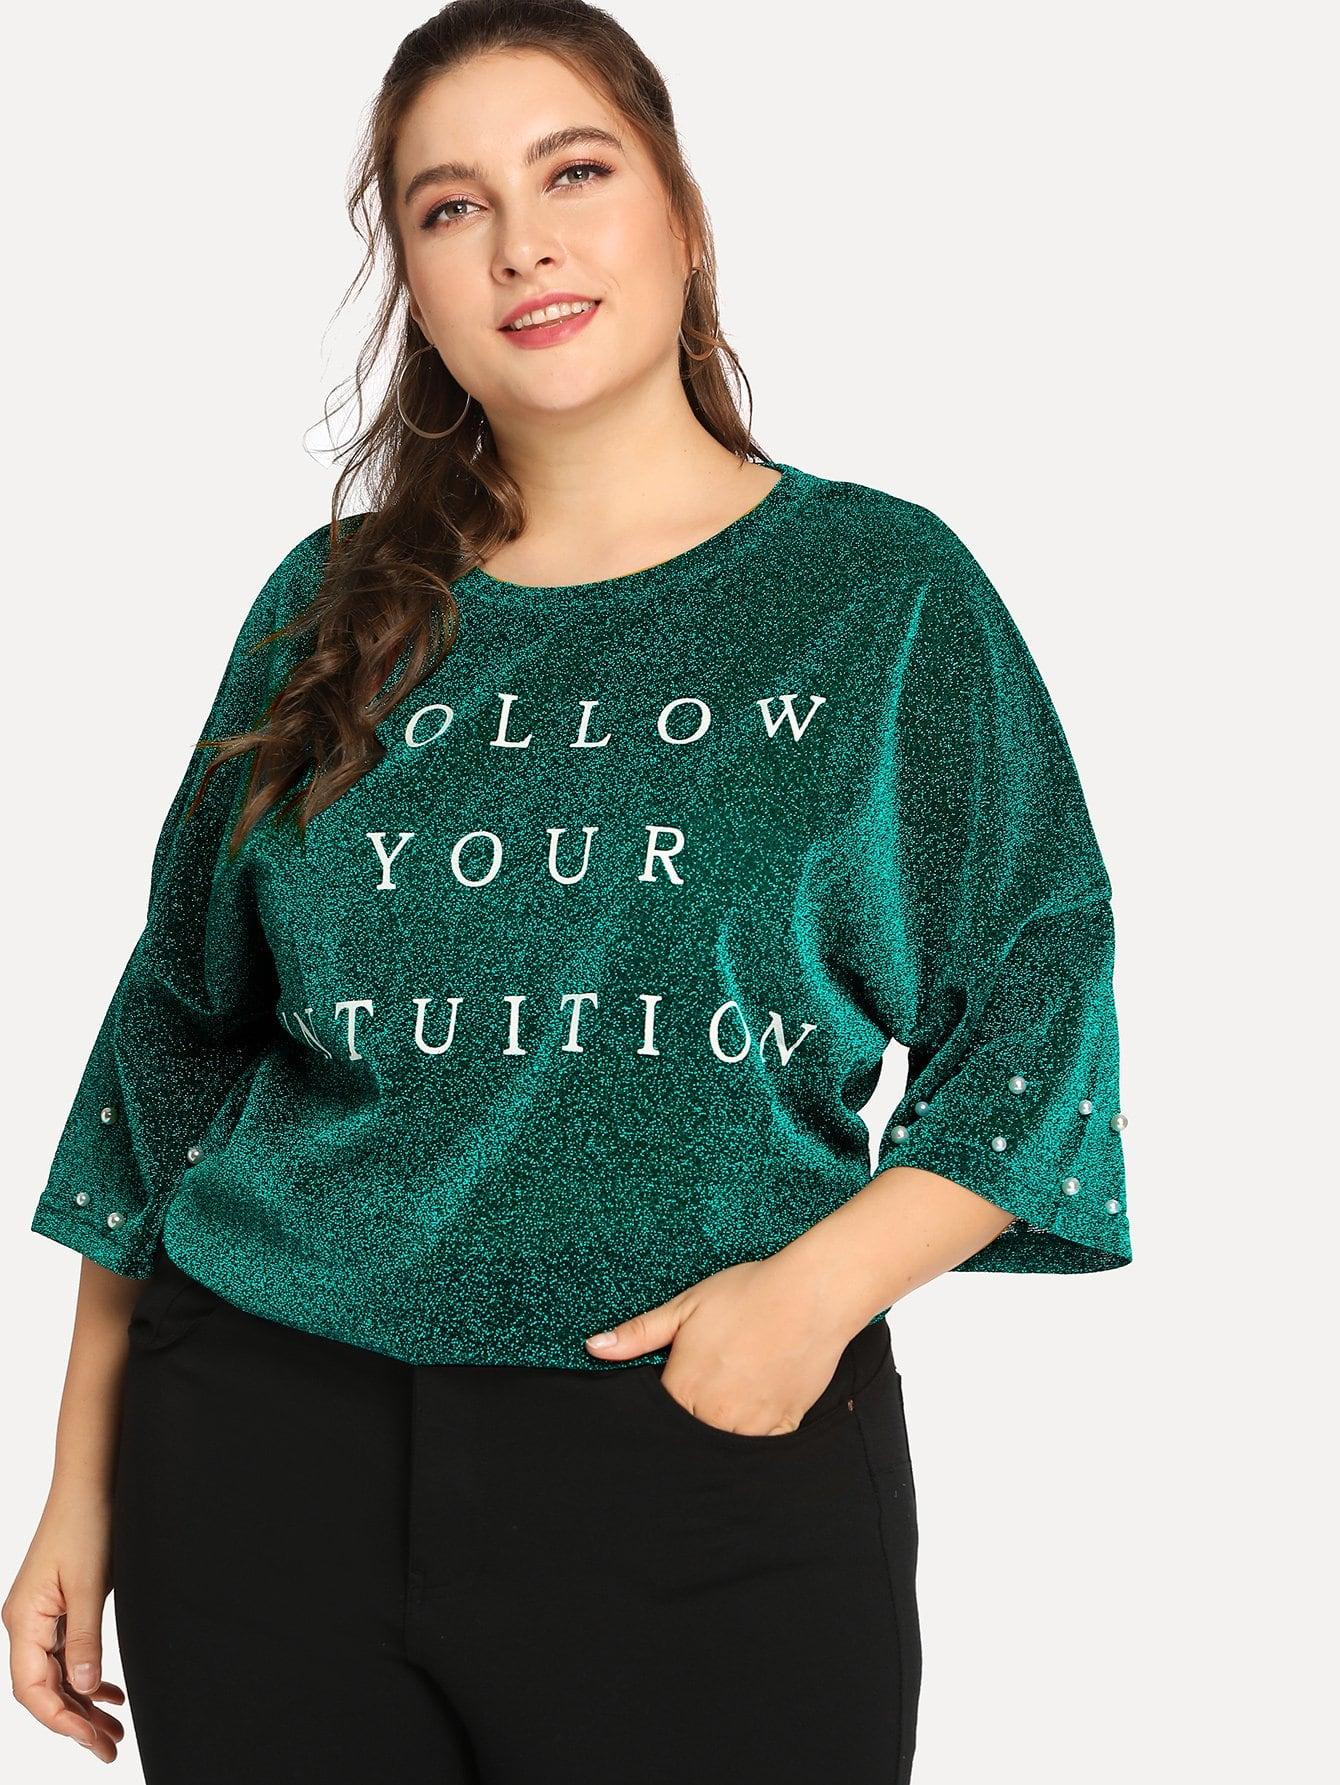 Купить Блестящая футболка с надписью и жемчужинами, Franziska, SheIn